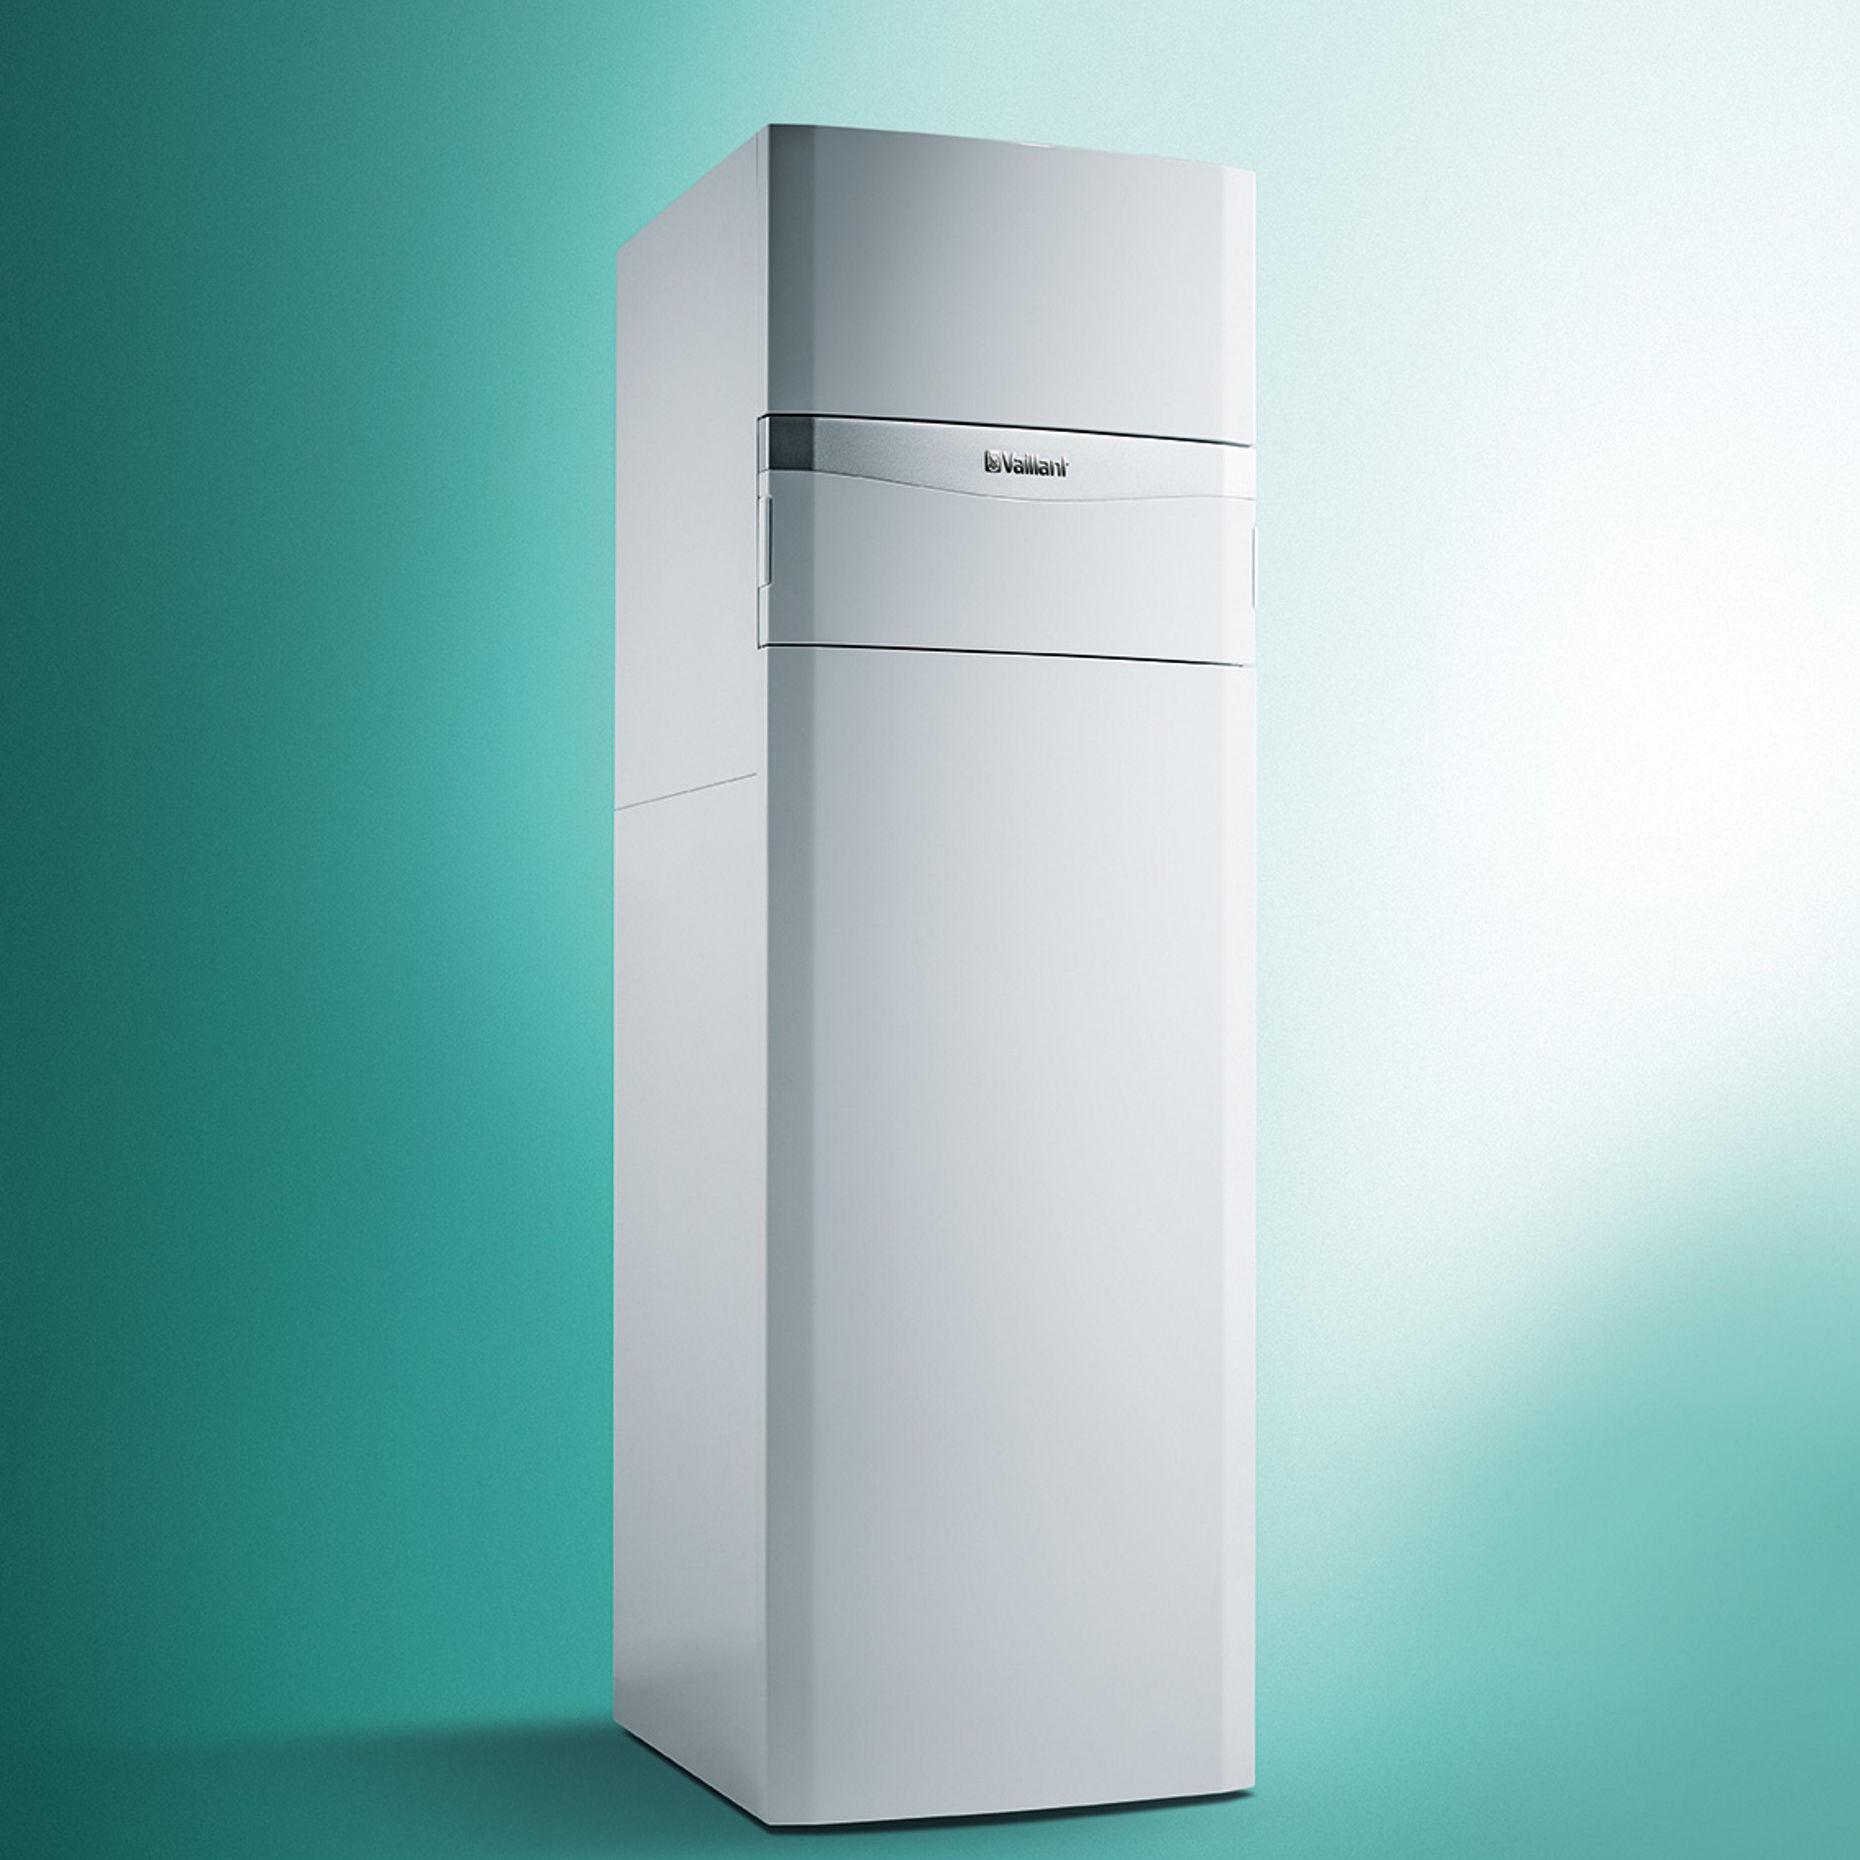 Газовый конденсационный котел VAILLANT EcoCOMPACT VSC 266/4-5 (26 кВт)